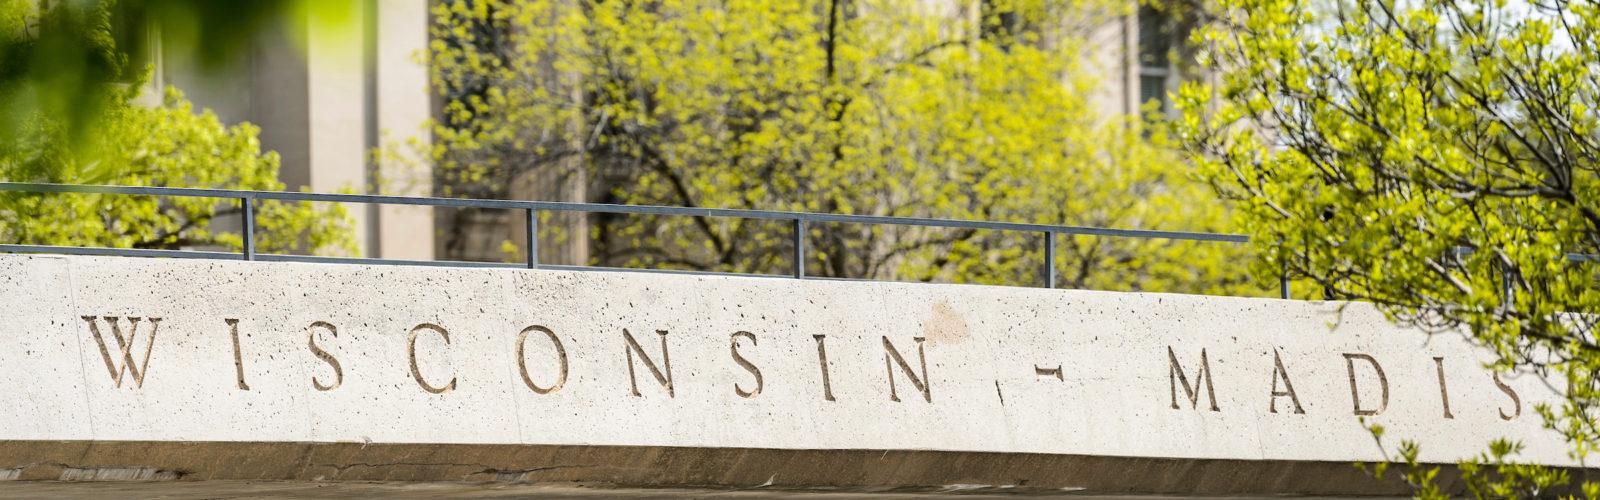 Univerisity of WI-Madison Walk Bridge